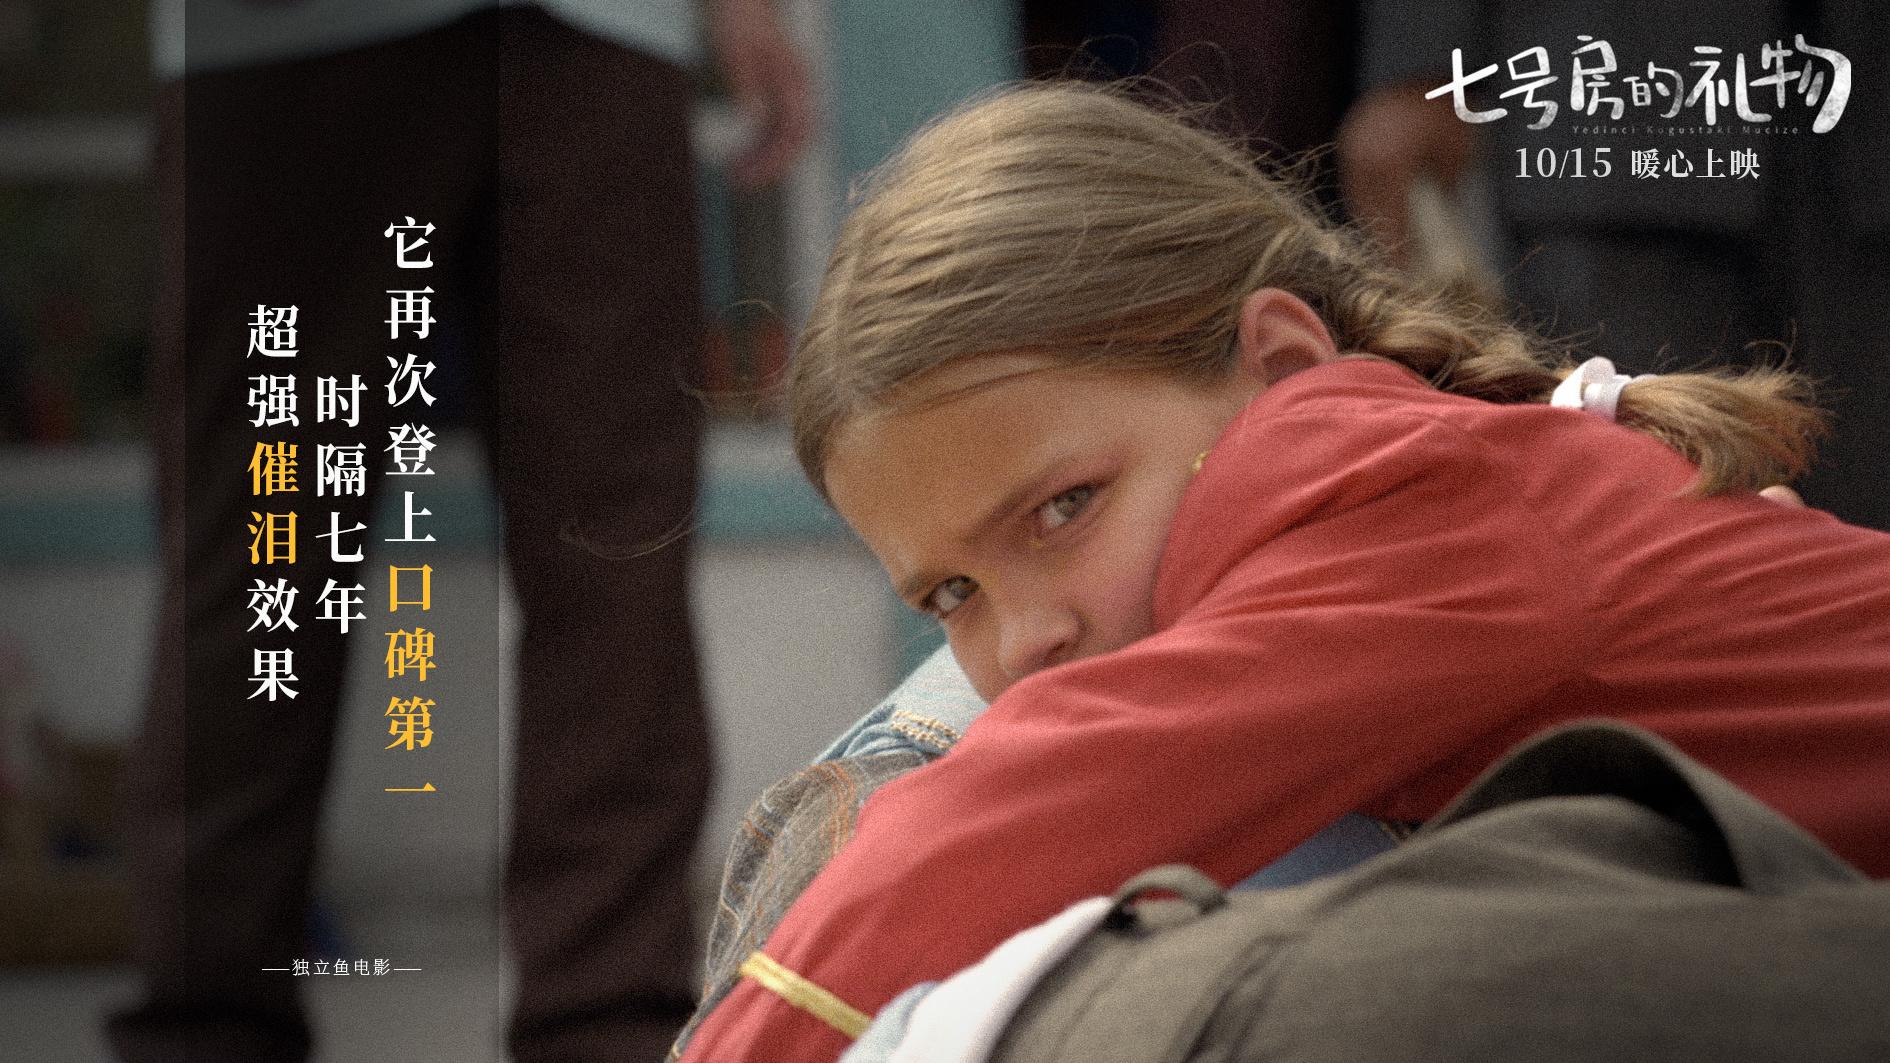 土耳其版《七号房的礼物》曝海报 改编全新风尚